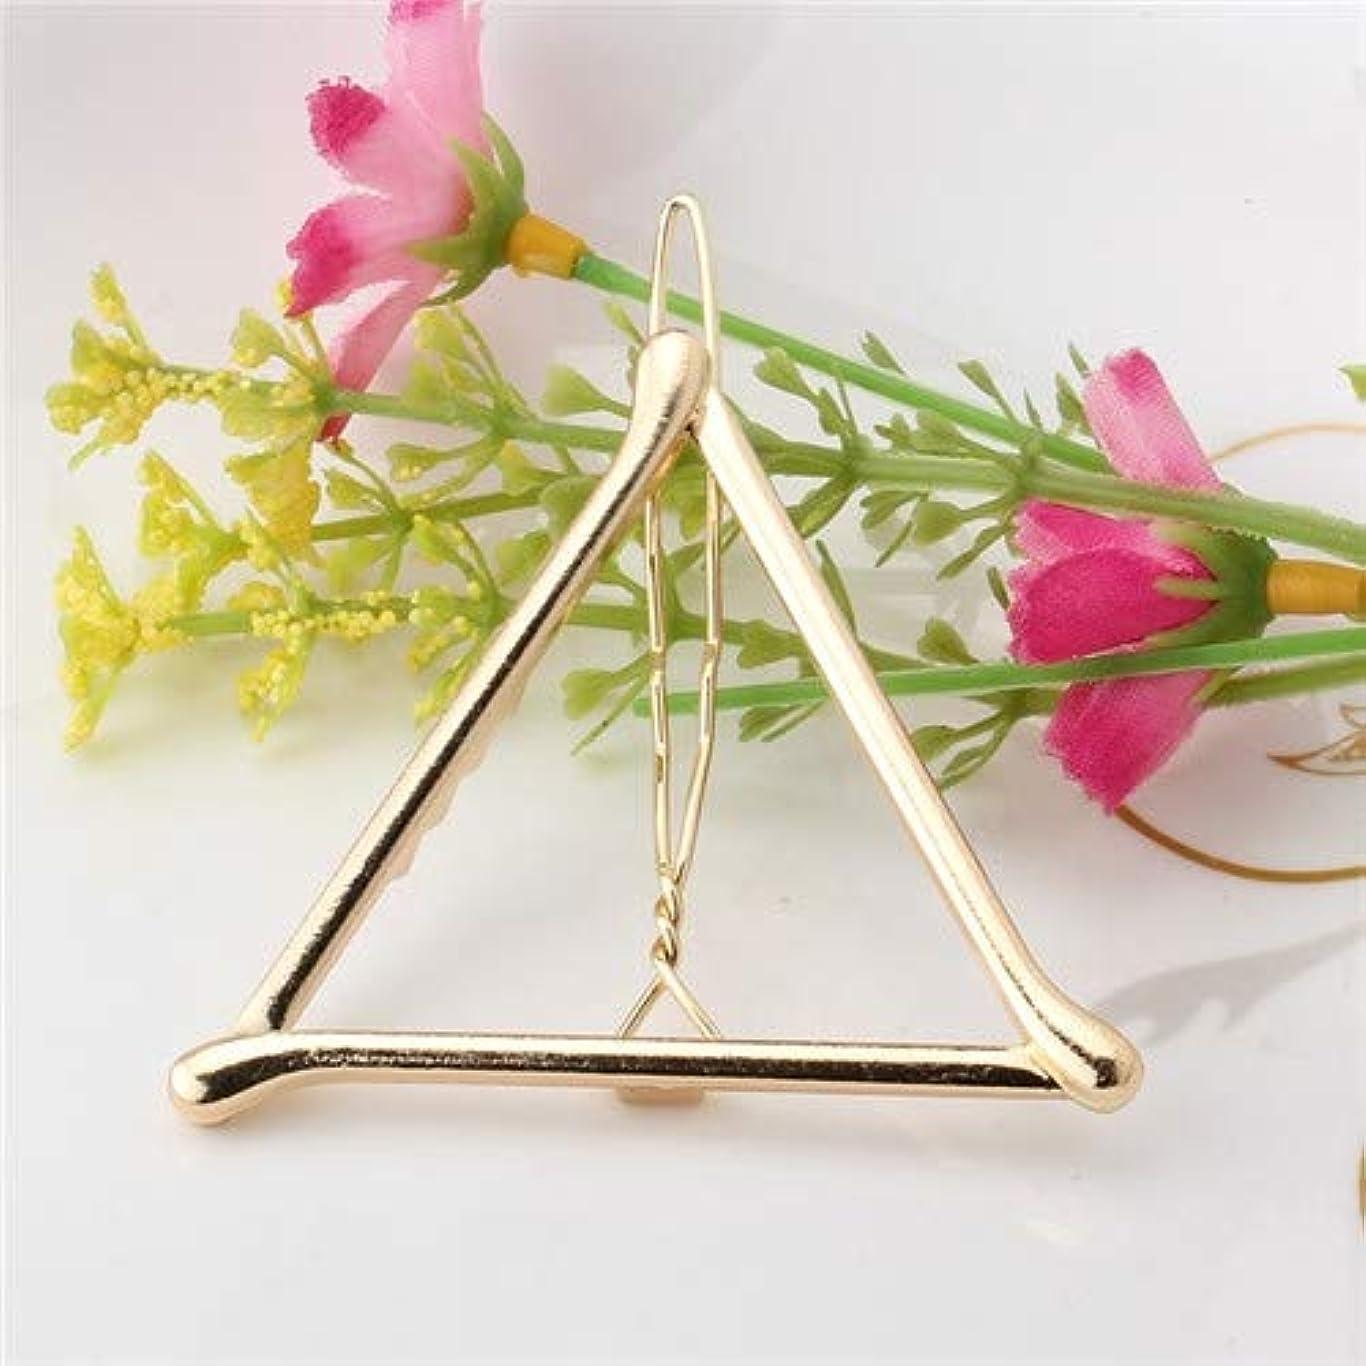 悪意のある変装したジャンルフラワーヘアピンFlowerHairpin YHM 2ピースファッション女性女の子合金金属三角形サークルムーンヘアクリップジオメトリヘアピンホルダーヘアアクセサリー(シルバーリップ) (色 : Gold Triangle)